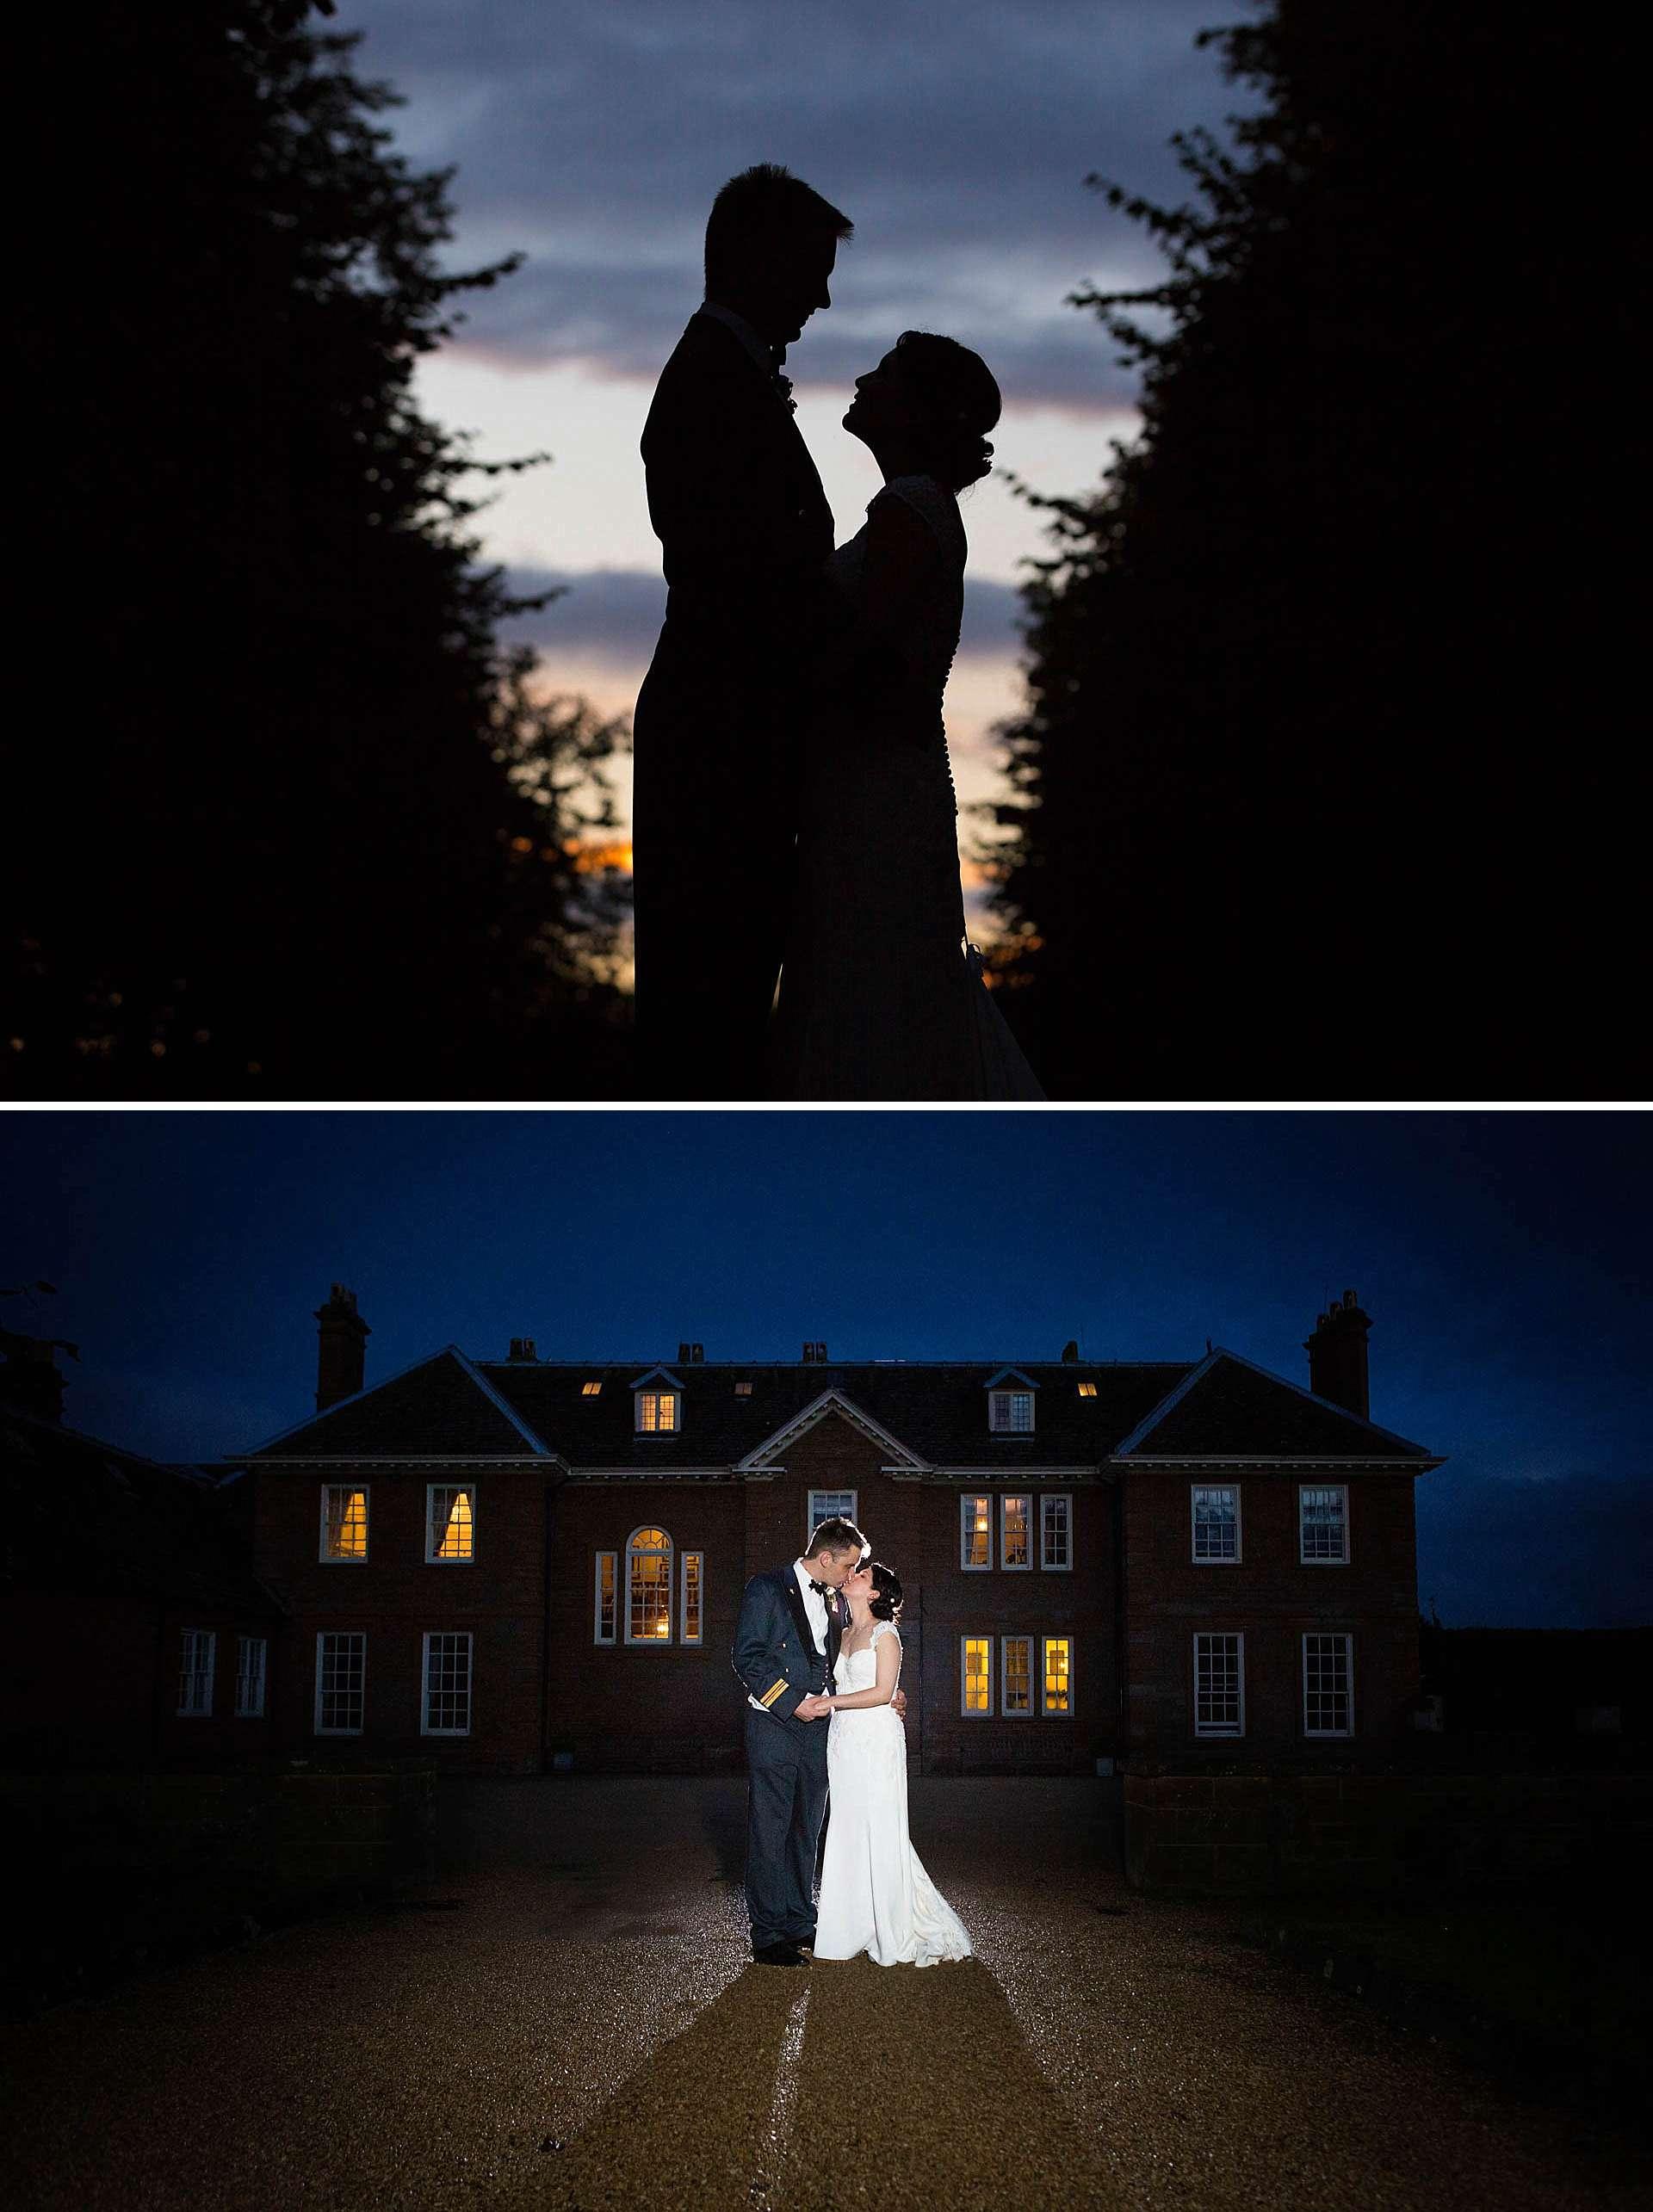 Poundon House wedding - evening wedding portraits